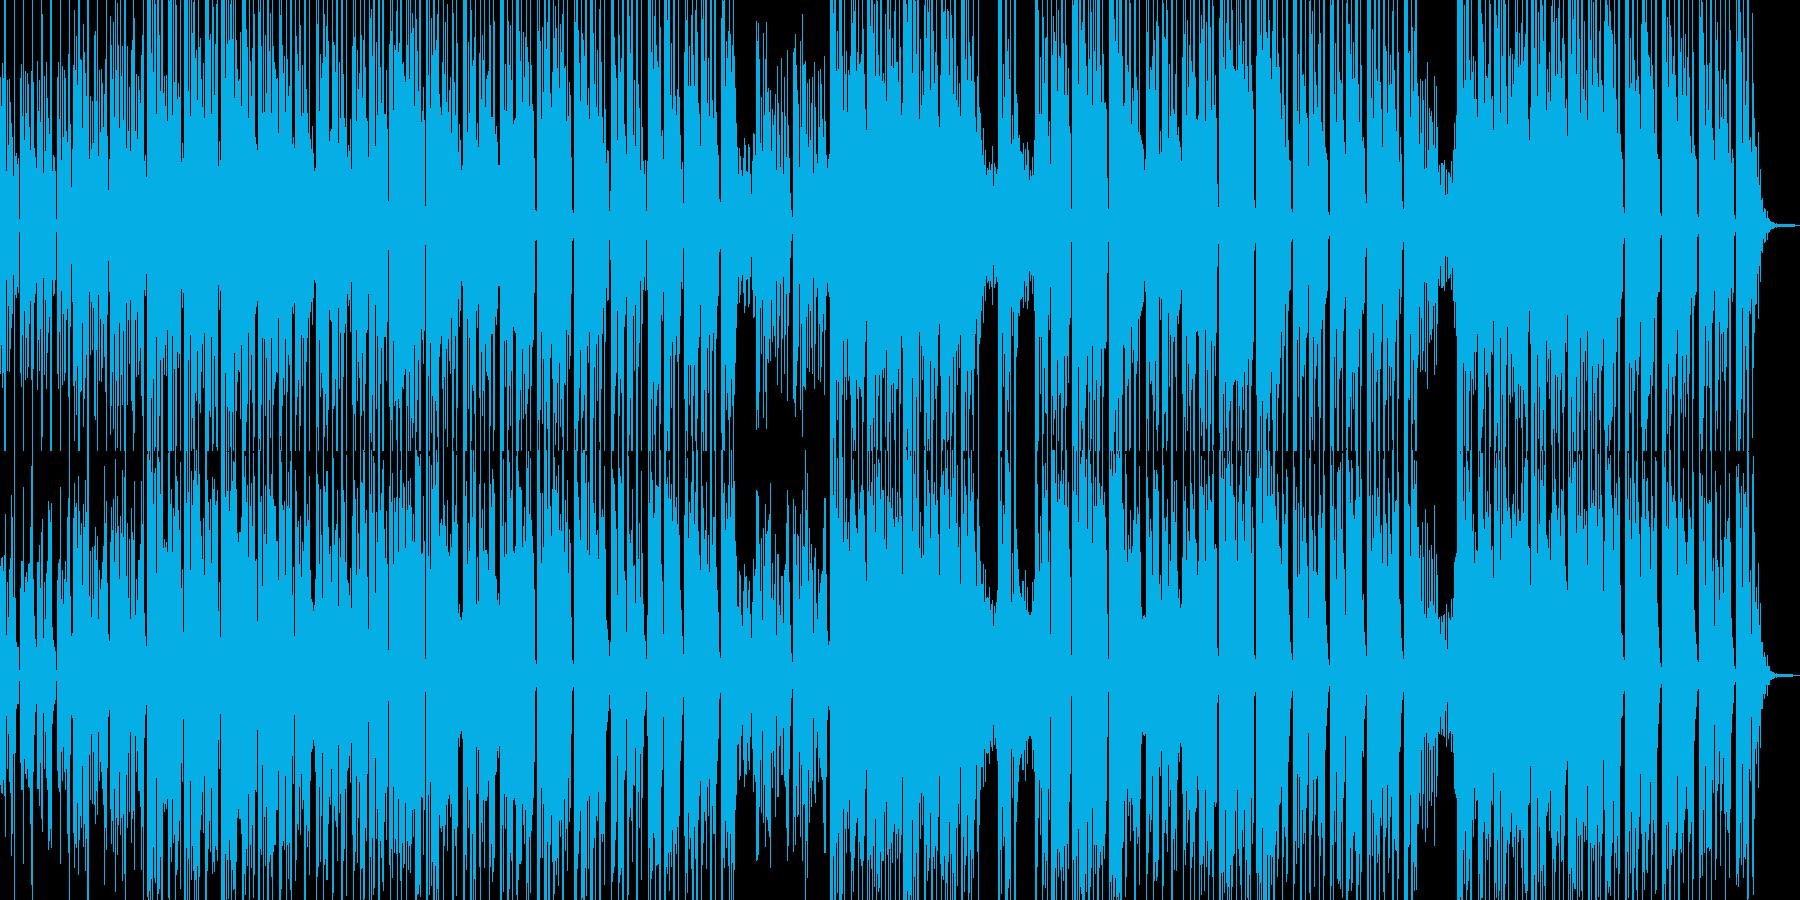 砂漠を感じるクールなエスニックBGM Aの再生済みの波形